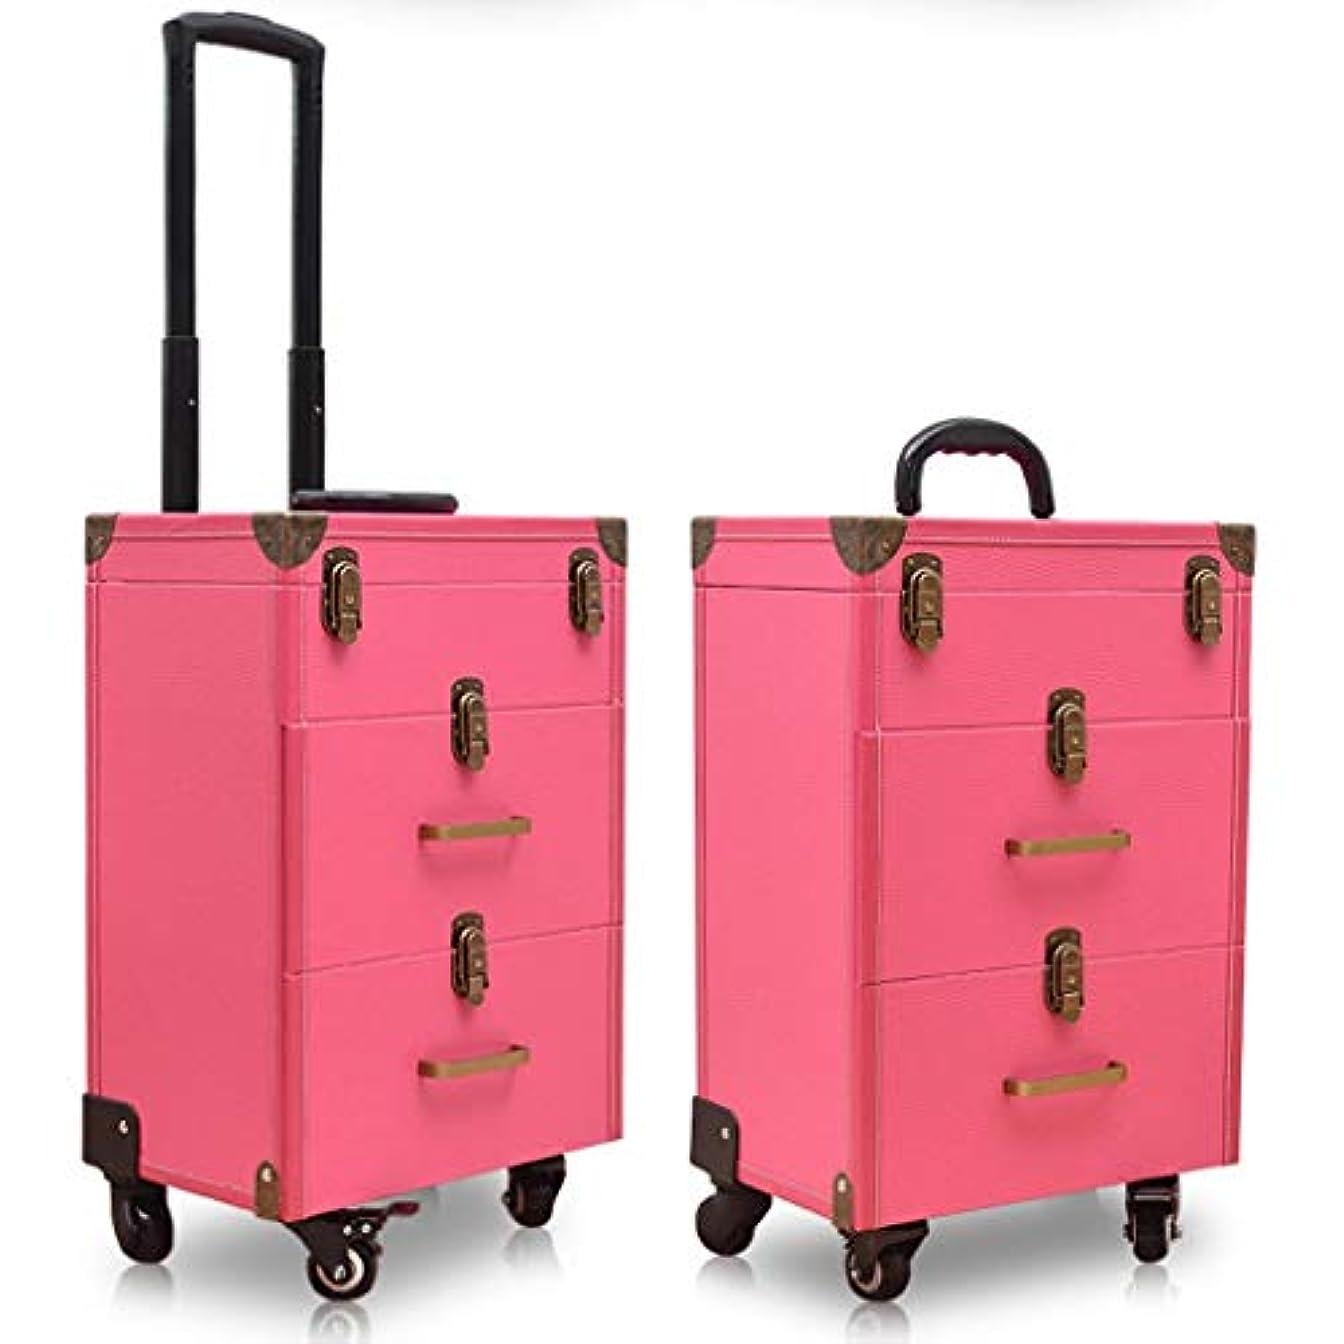 ダーツ確認してくださいウェイドトロリー化粧品ケース、三層レトロロックタイプワンピース美容メイクトロリーケース、携帯旅行化粧品ケース、2引き出し付き